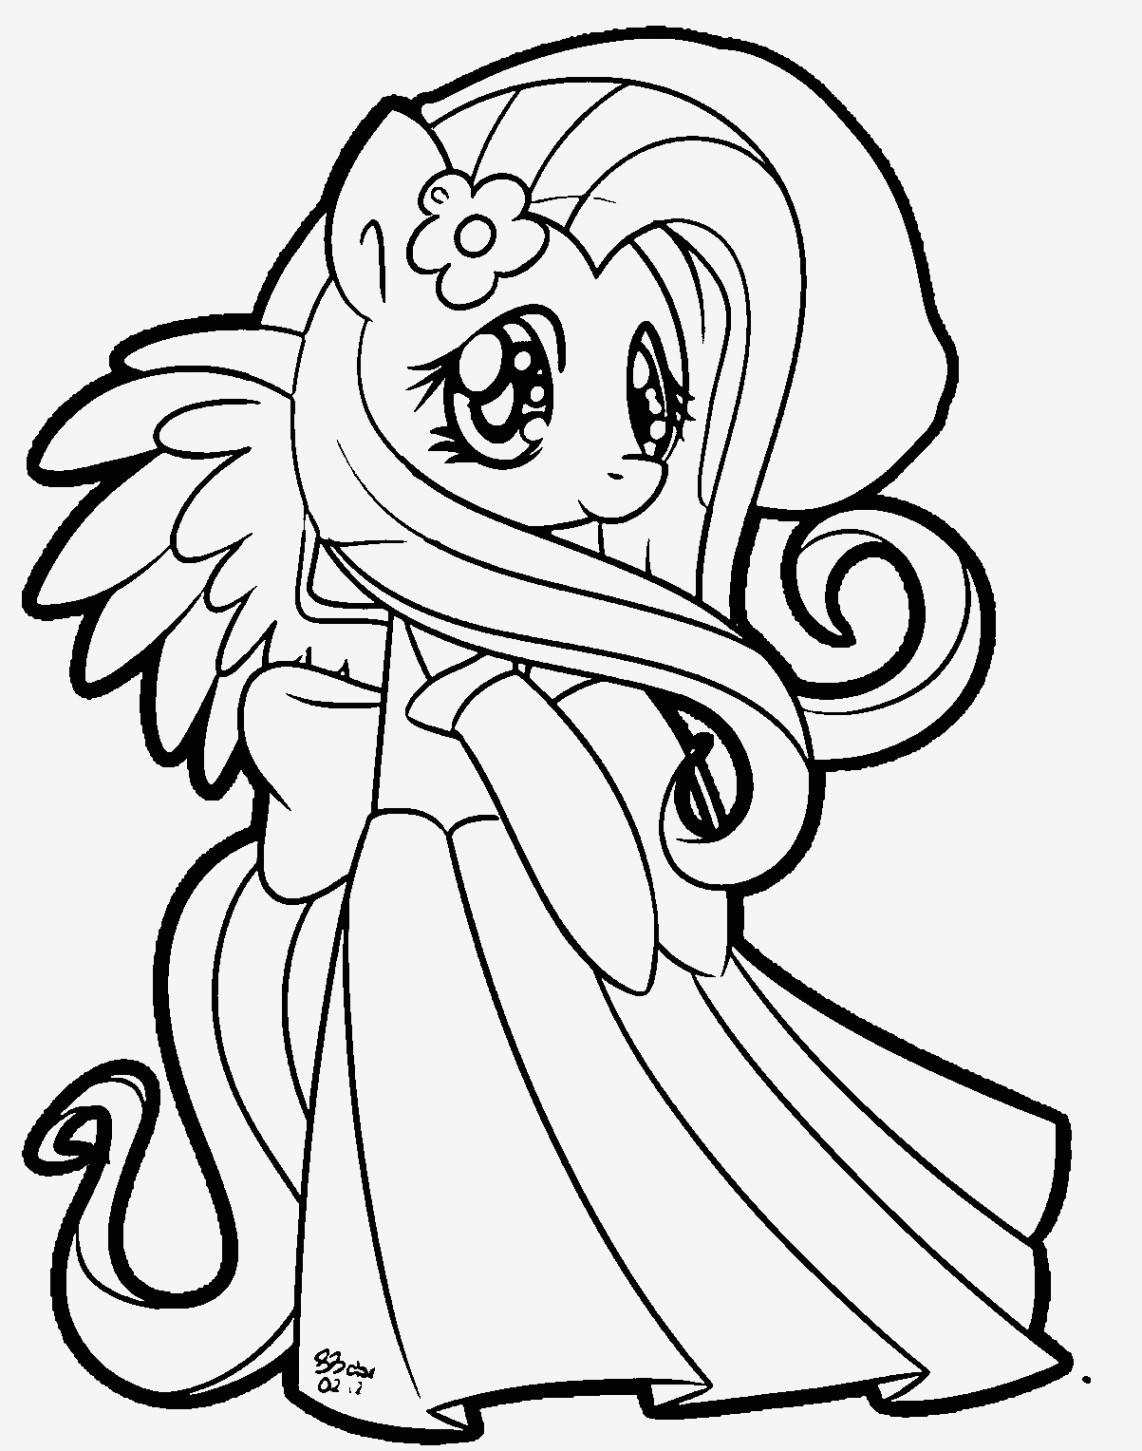 My Little Pony Friendship is Magic Ausmalbilder Das Beste Von Beispielbilder Färben Ausmalbilder My Little Pony Das Bild